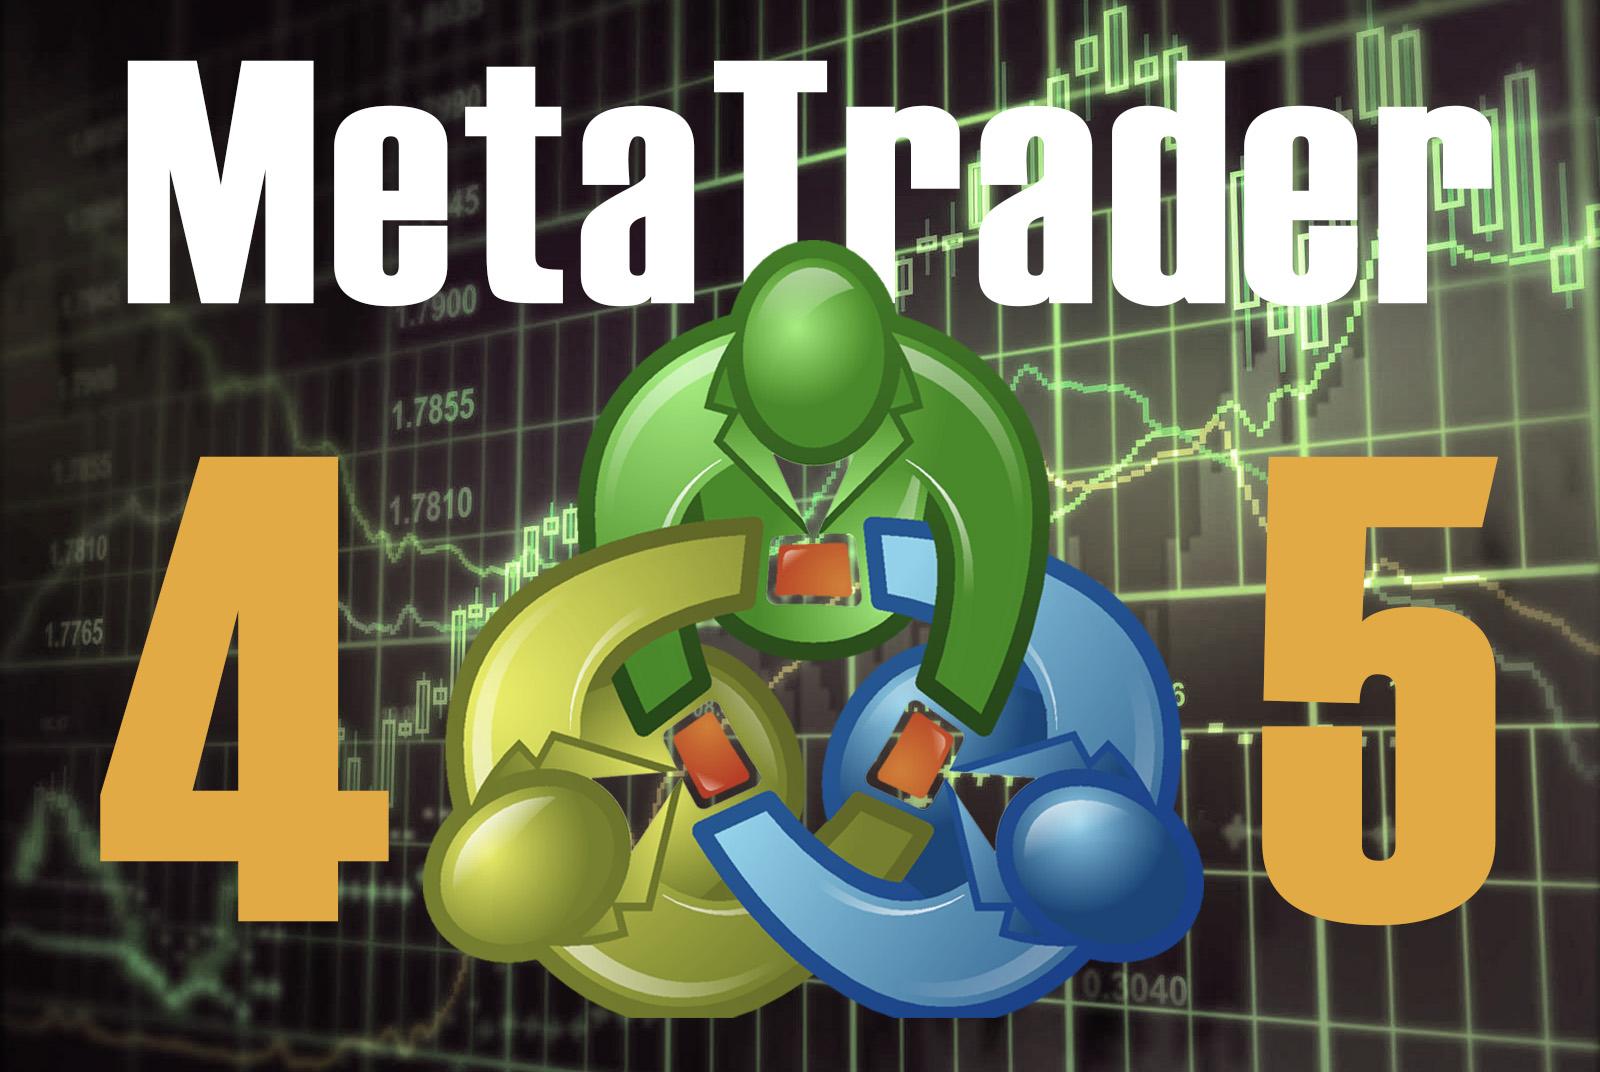 So sánh phần mềm giao dịch MT4 và MT5 - Nên chọn cái nào? 3